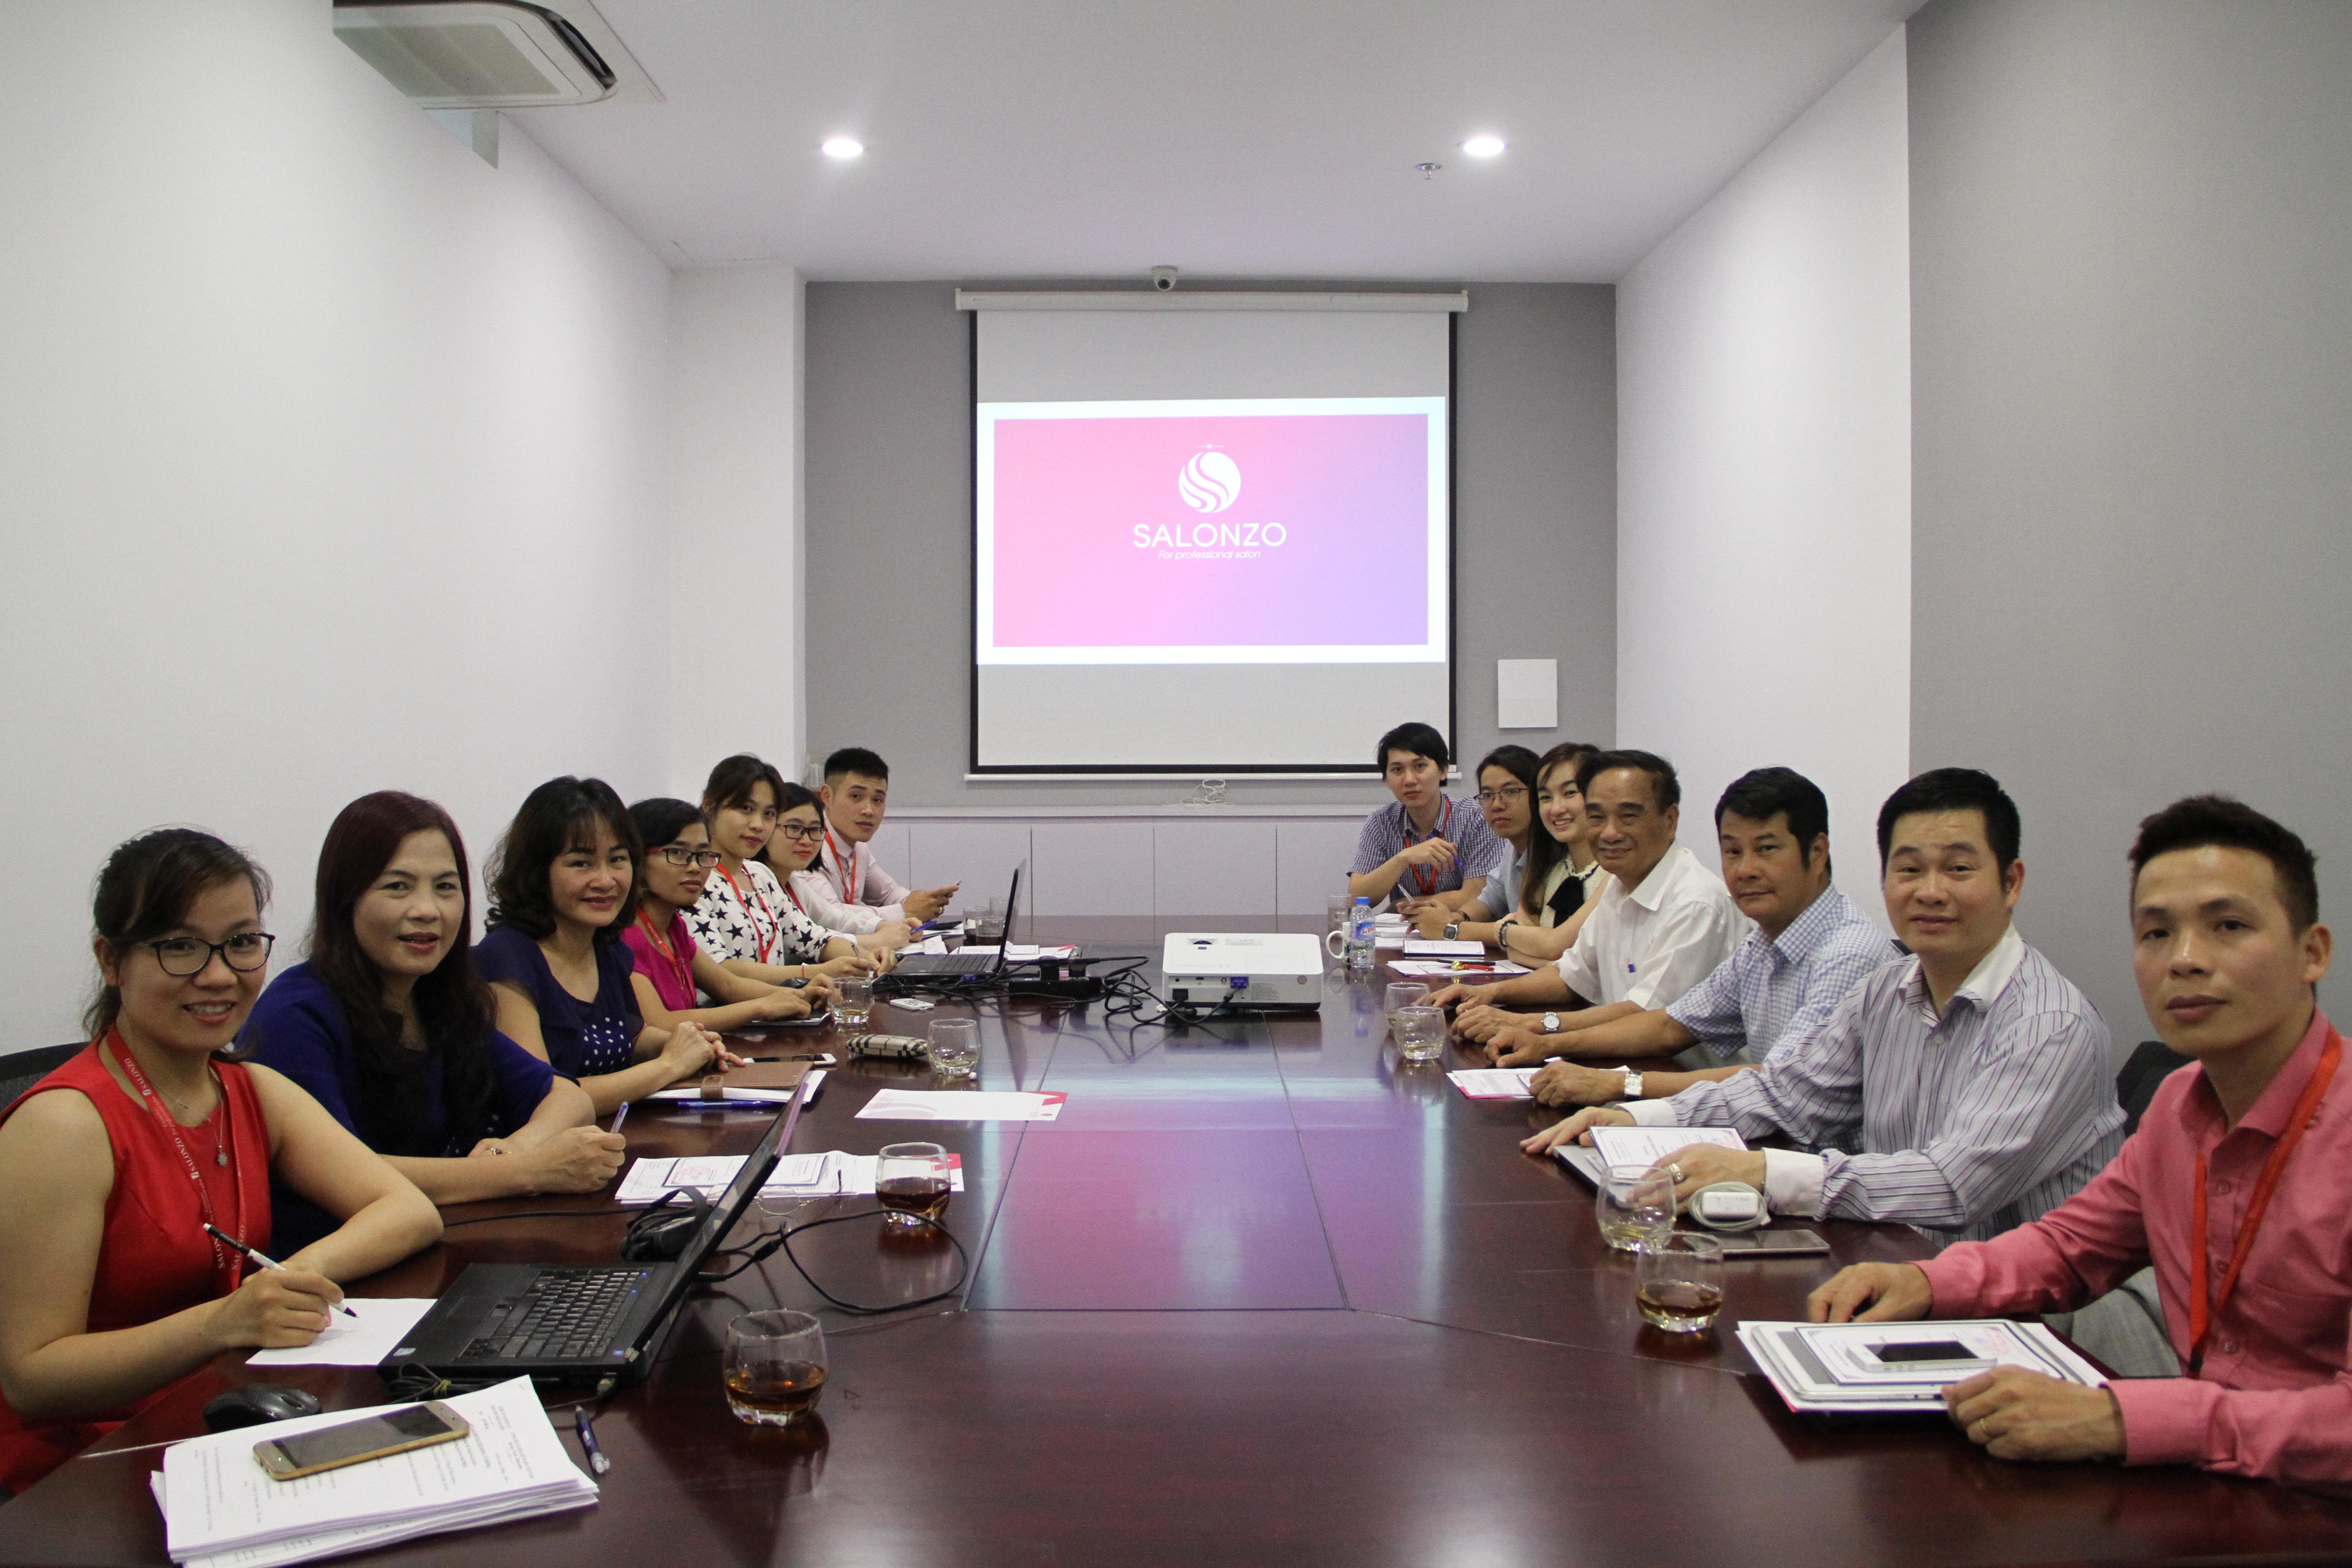 Họp đại hội đồng cổ đông Công ty cổ phần Mỹ phẩm Salonzo lần thứ nhất